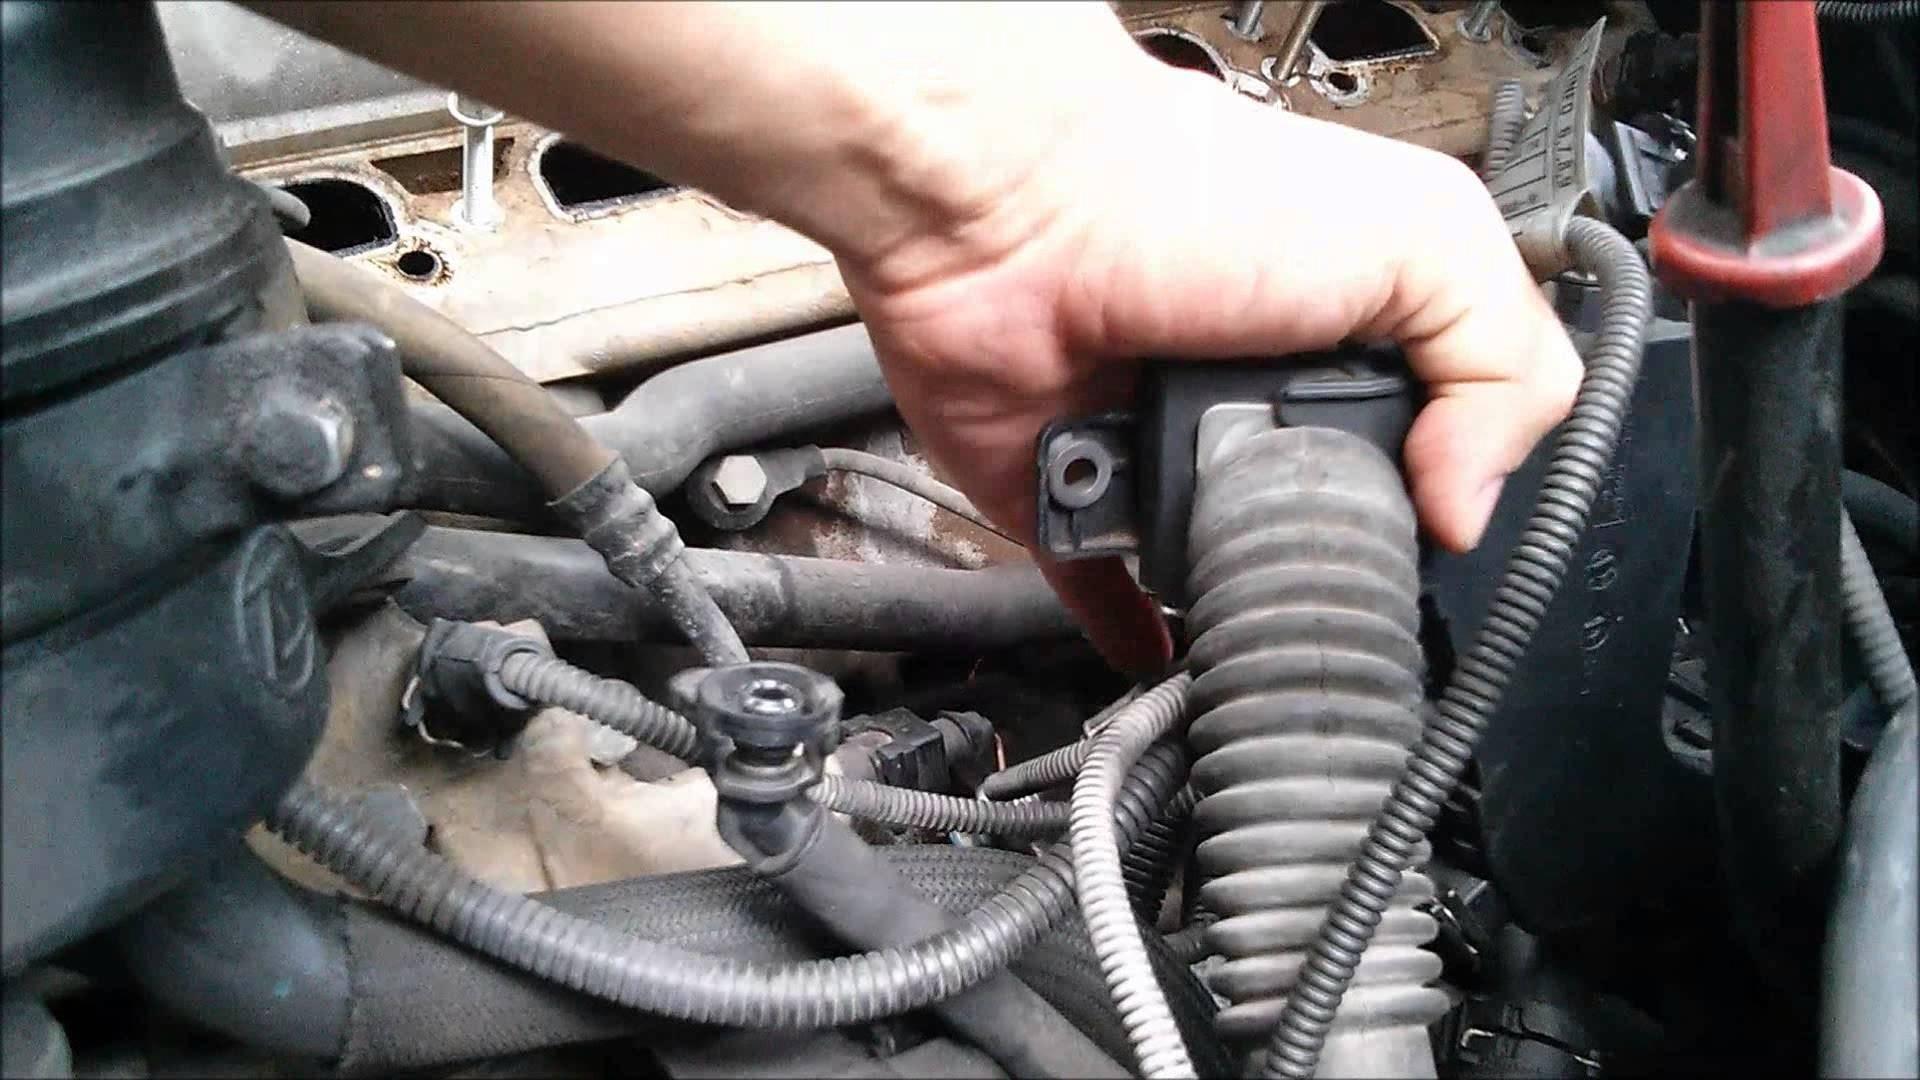 1994 Bmw 528i Engine Diagram Reinvent Your Wiring 325i E39 5 Series Valve Cover Gasket Rh Detoxicrecenze Com E60